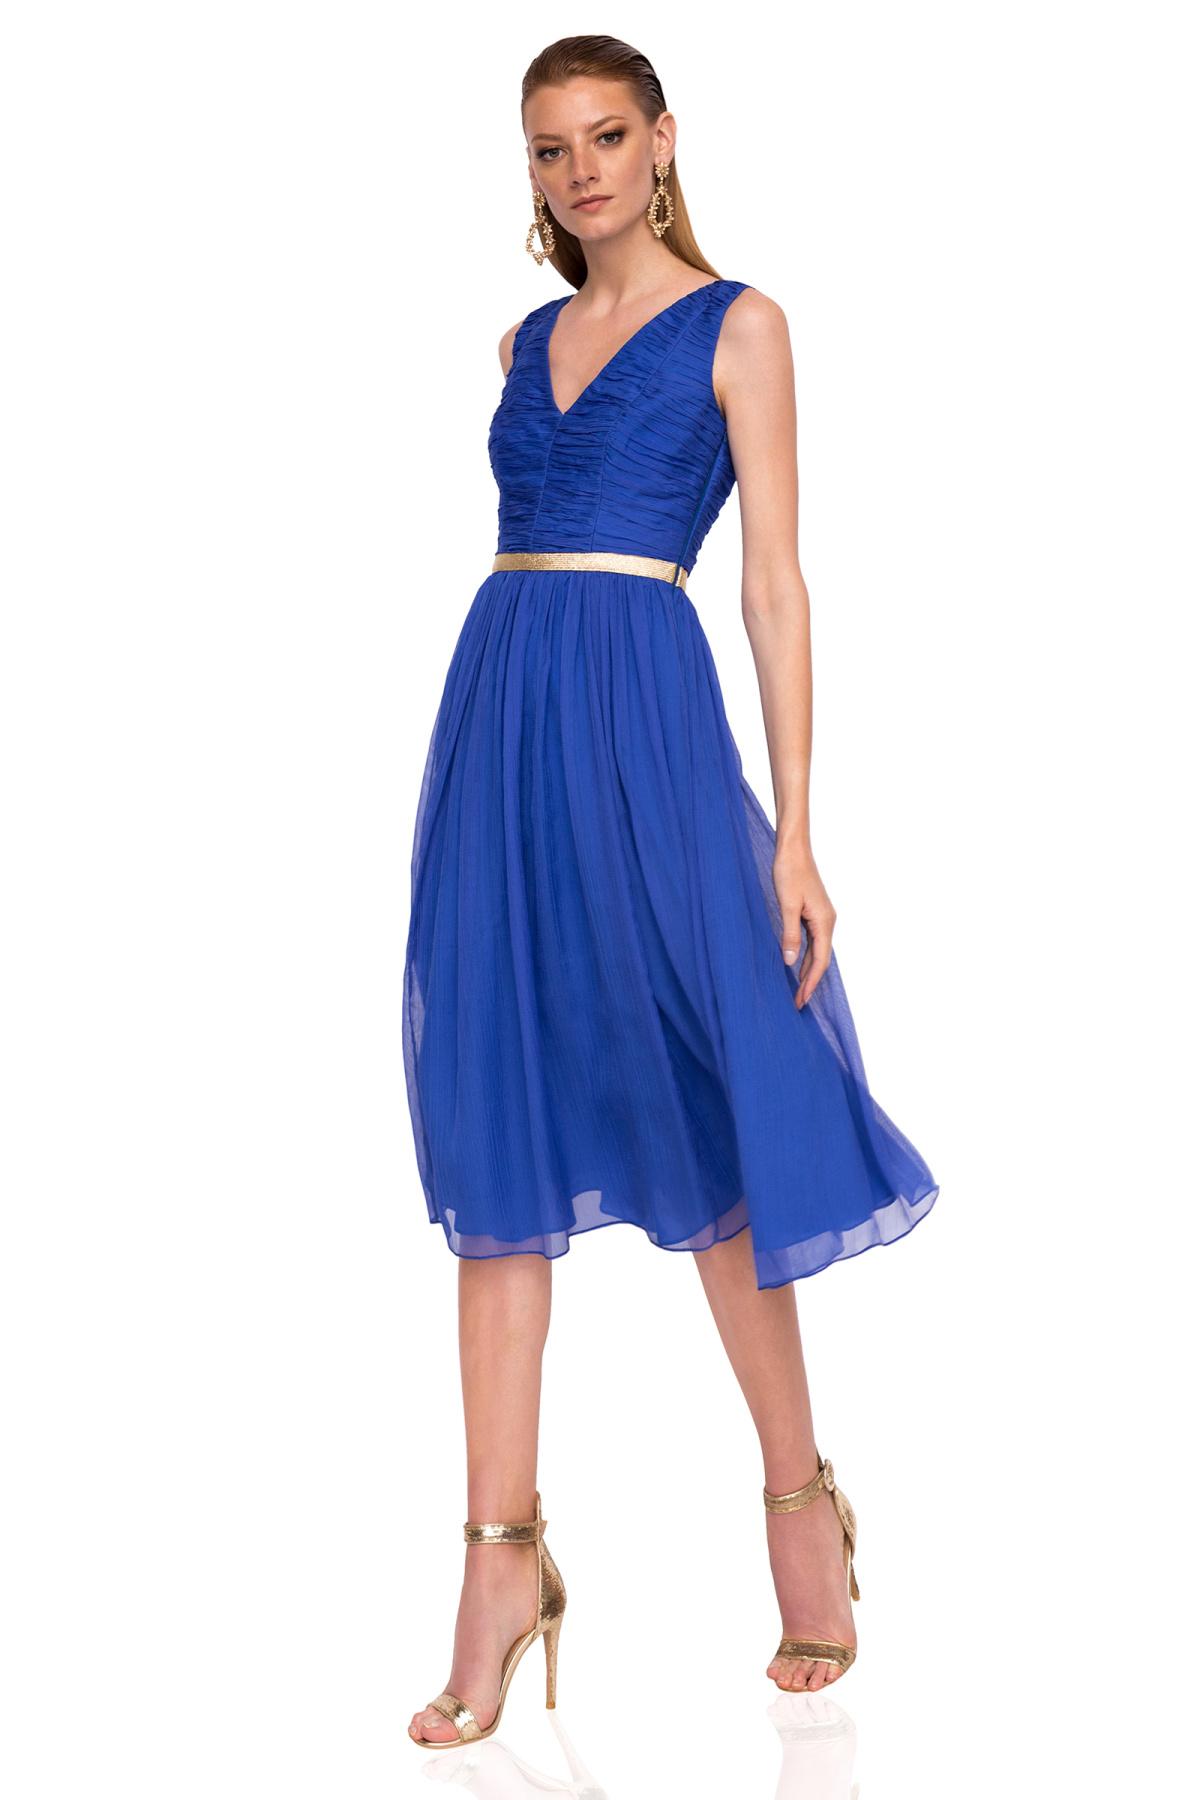 Rochie midi cu detaliu in talie Albastru